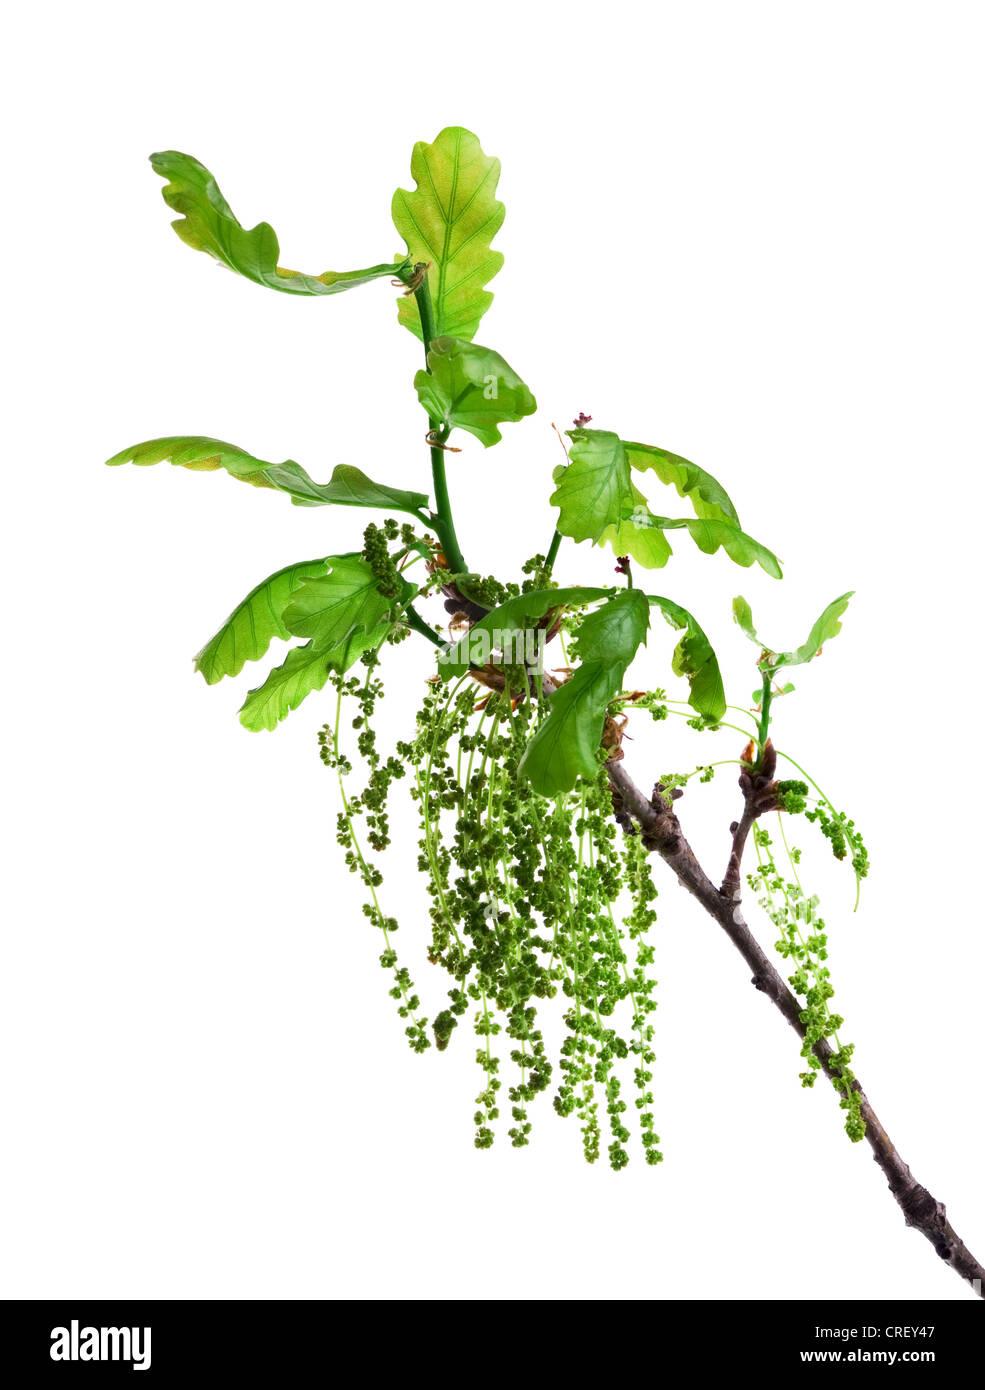 Eiche blühender Zweig mit Blättern und Kätzchen isoliert auf weiss Stockbild